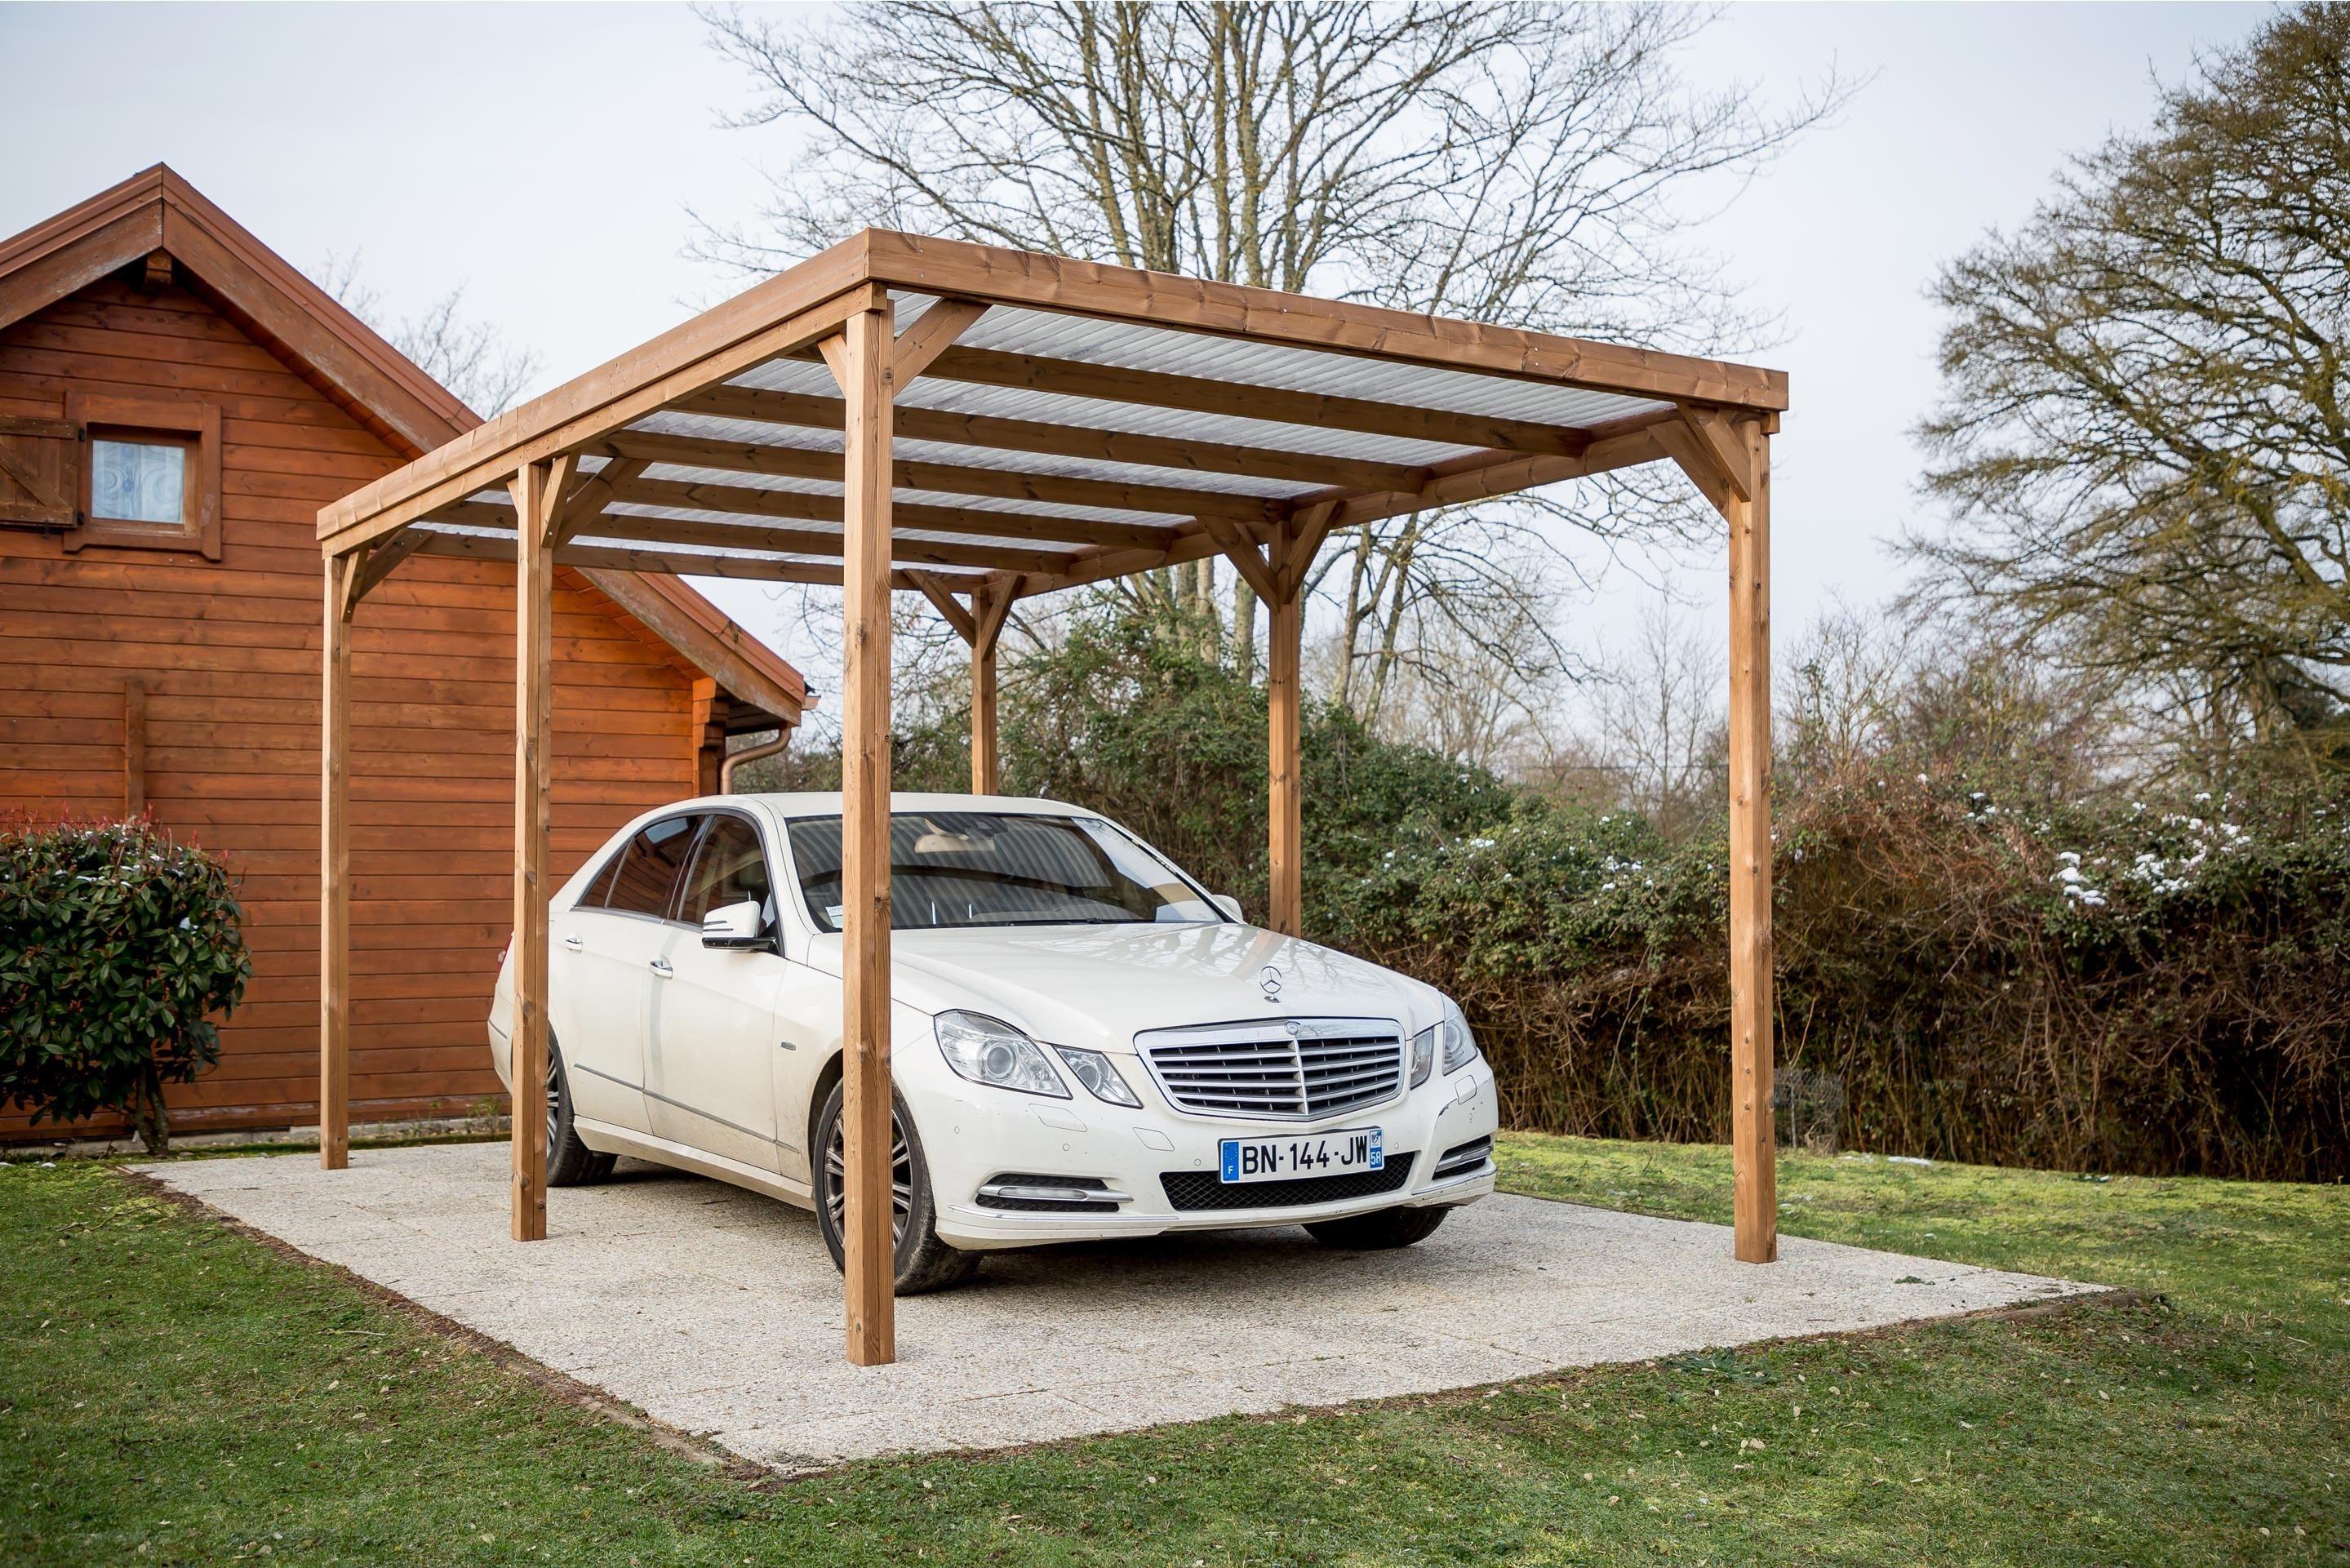 Carport bois THT HABRITA TH 3051 S pour 1 voiture, 15.06